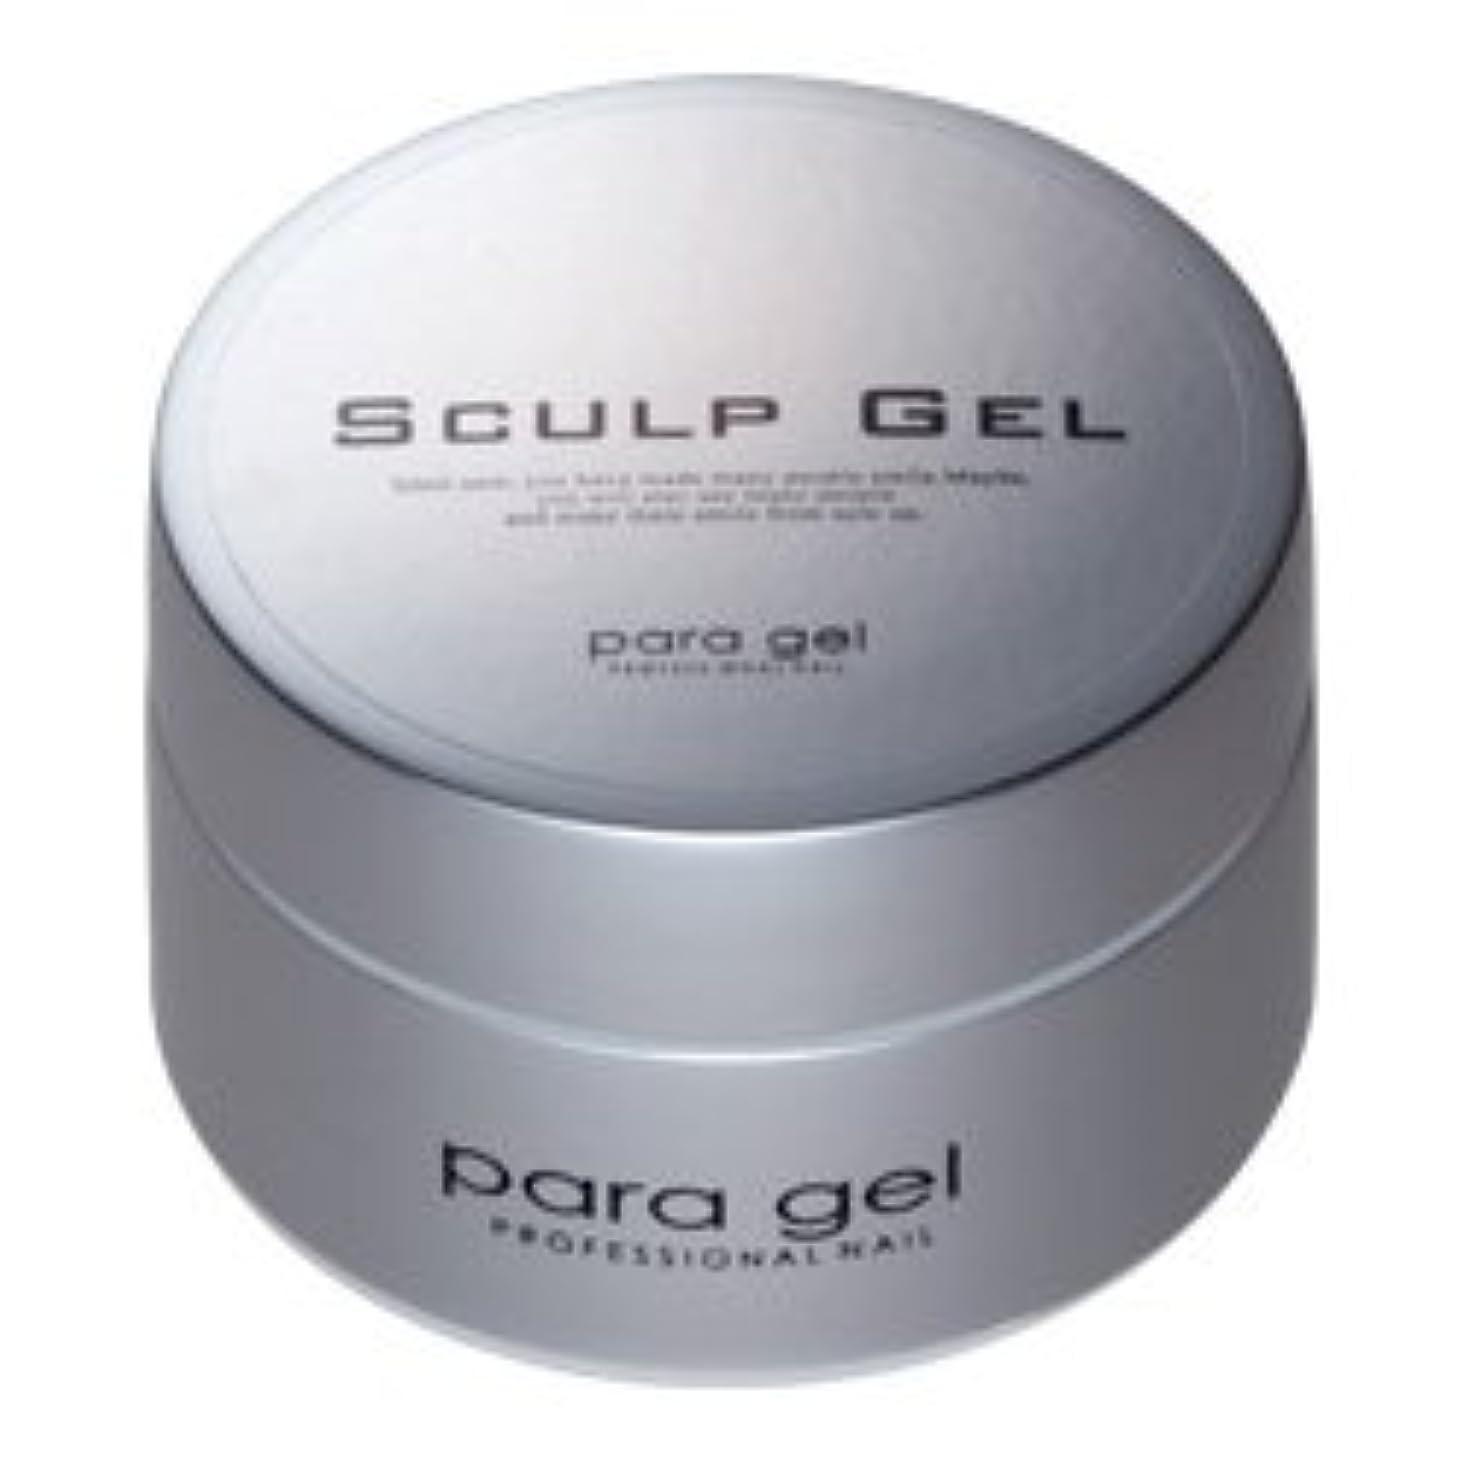 カレンダー壮大な細胞★para gel(パラジェル) <BR>スカルプジェル 10g